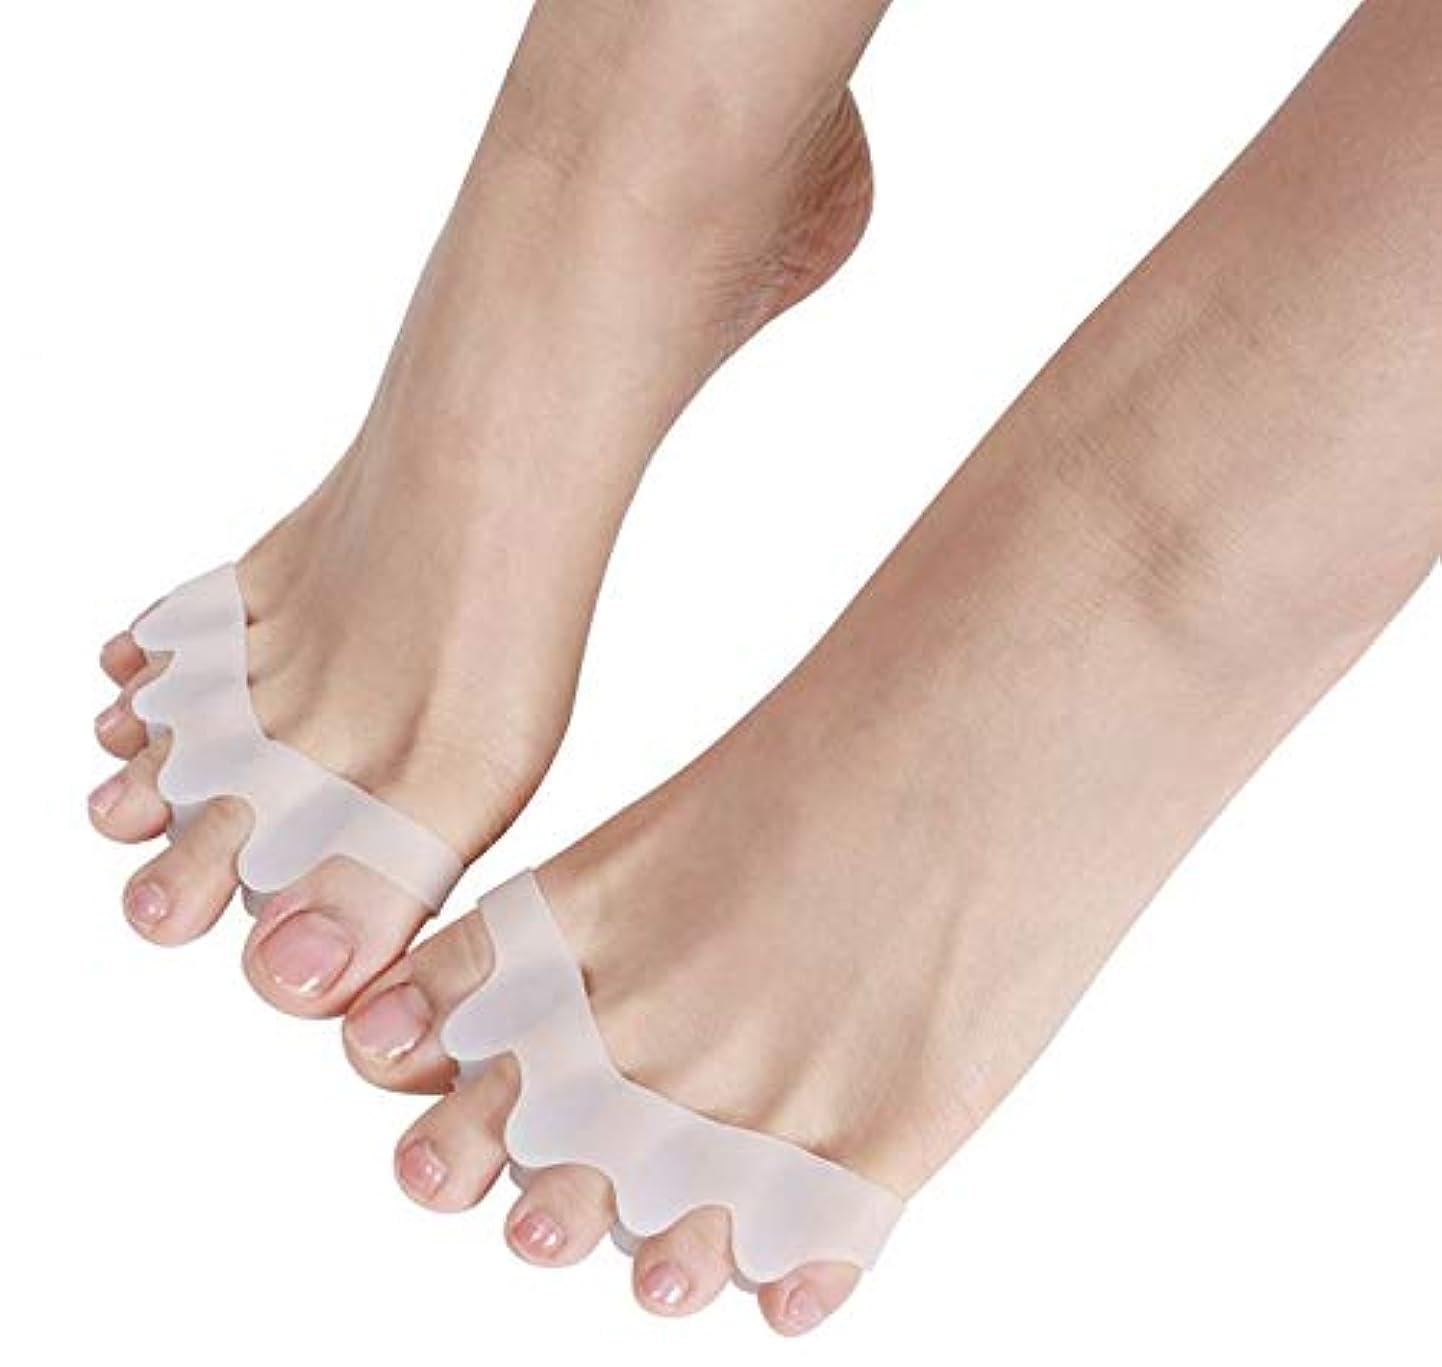 倒産キー敗北lucrubun 足の痛みの対策 ちゃんとしてますか。 足指矯正パッド 外反母趾 足のゆがみ 男女性兼用 シリコンサポーター 両足セット 足の痛み対策に 足指矯正シリコンサポーター 外反母趾の矯正にも効果的 男女兼用 洗...